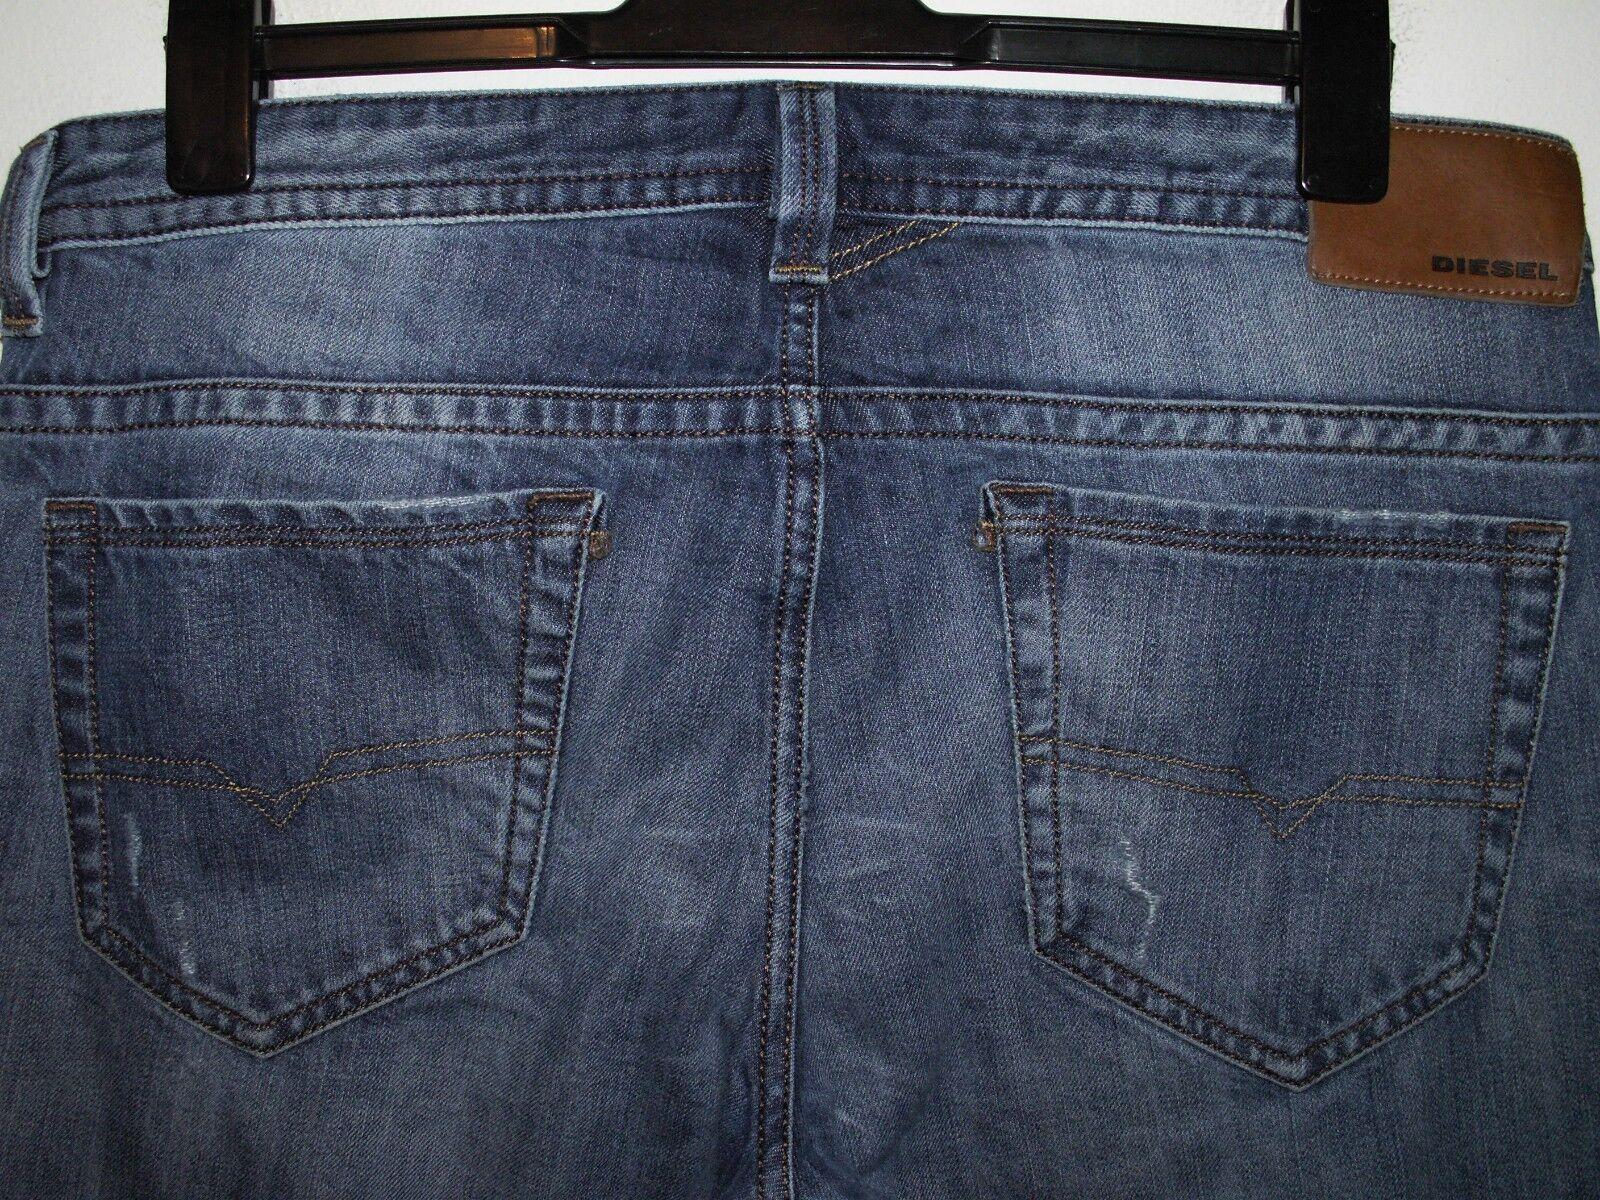 999de207 Diesel thavar slim-skinny fit jeans W34 L32 (a3367) 0805Q wash nzcjcb2394- Jeans